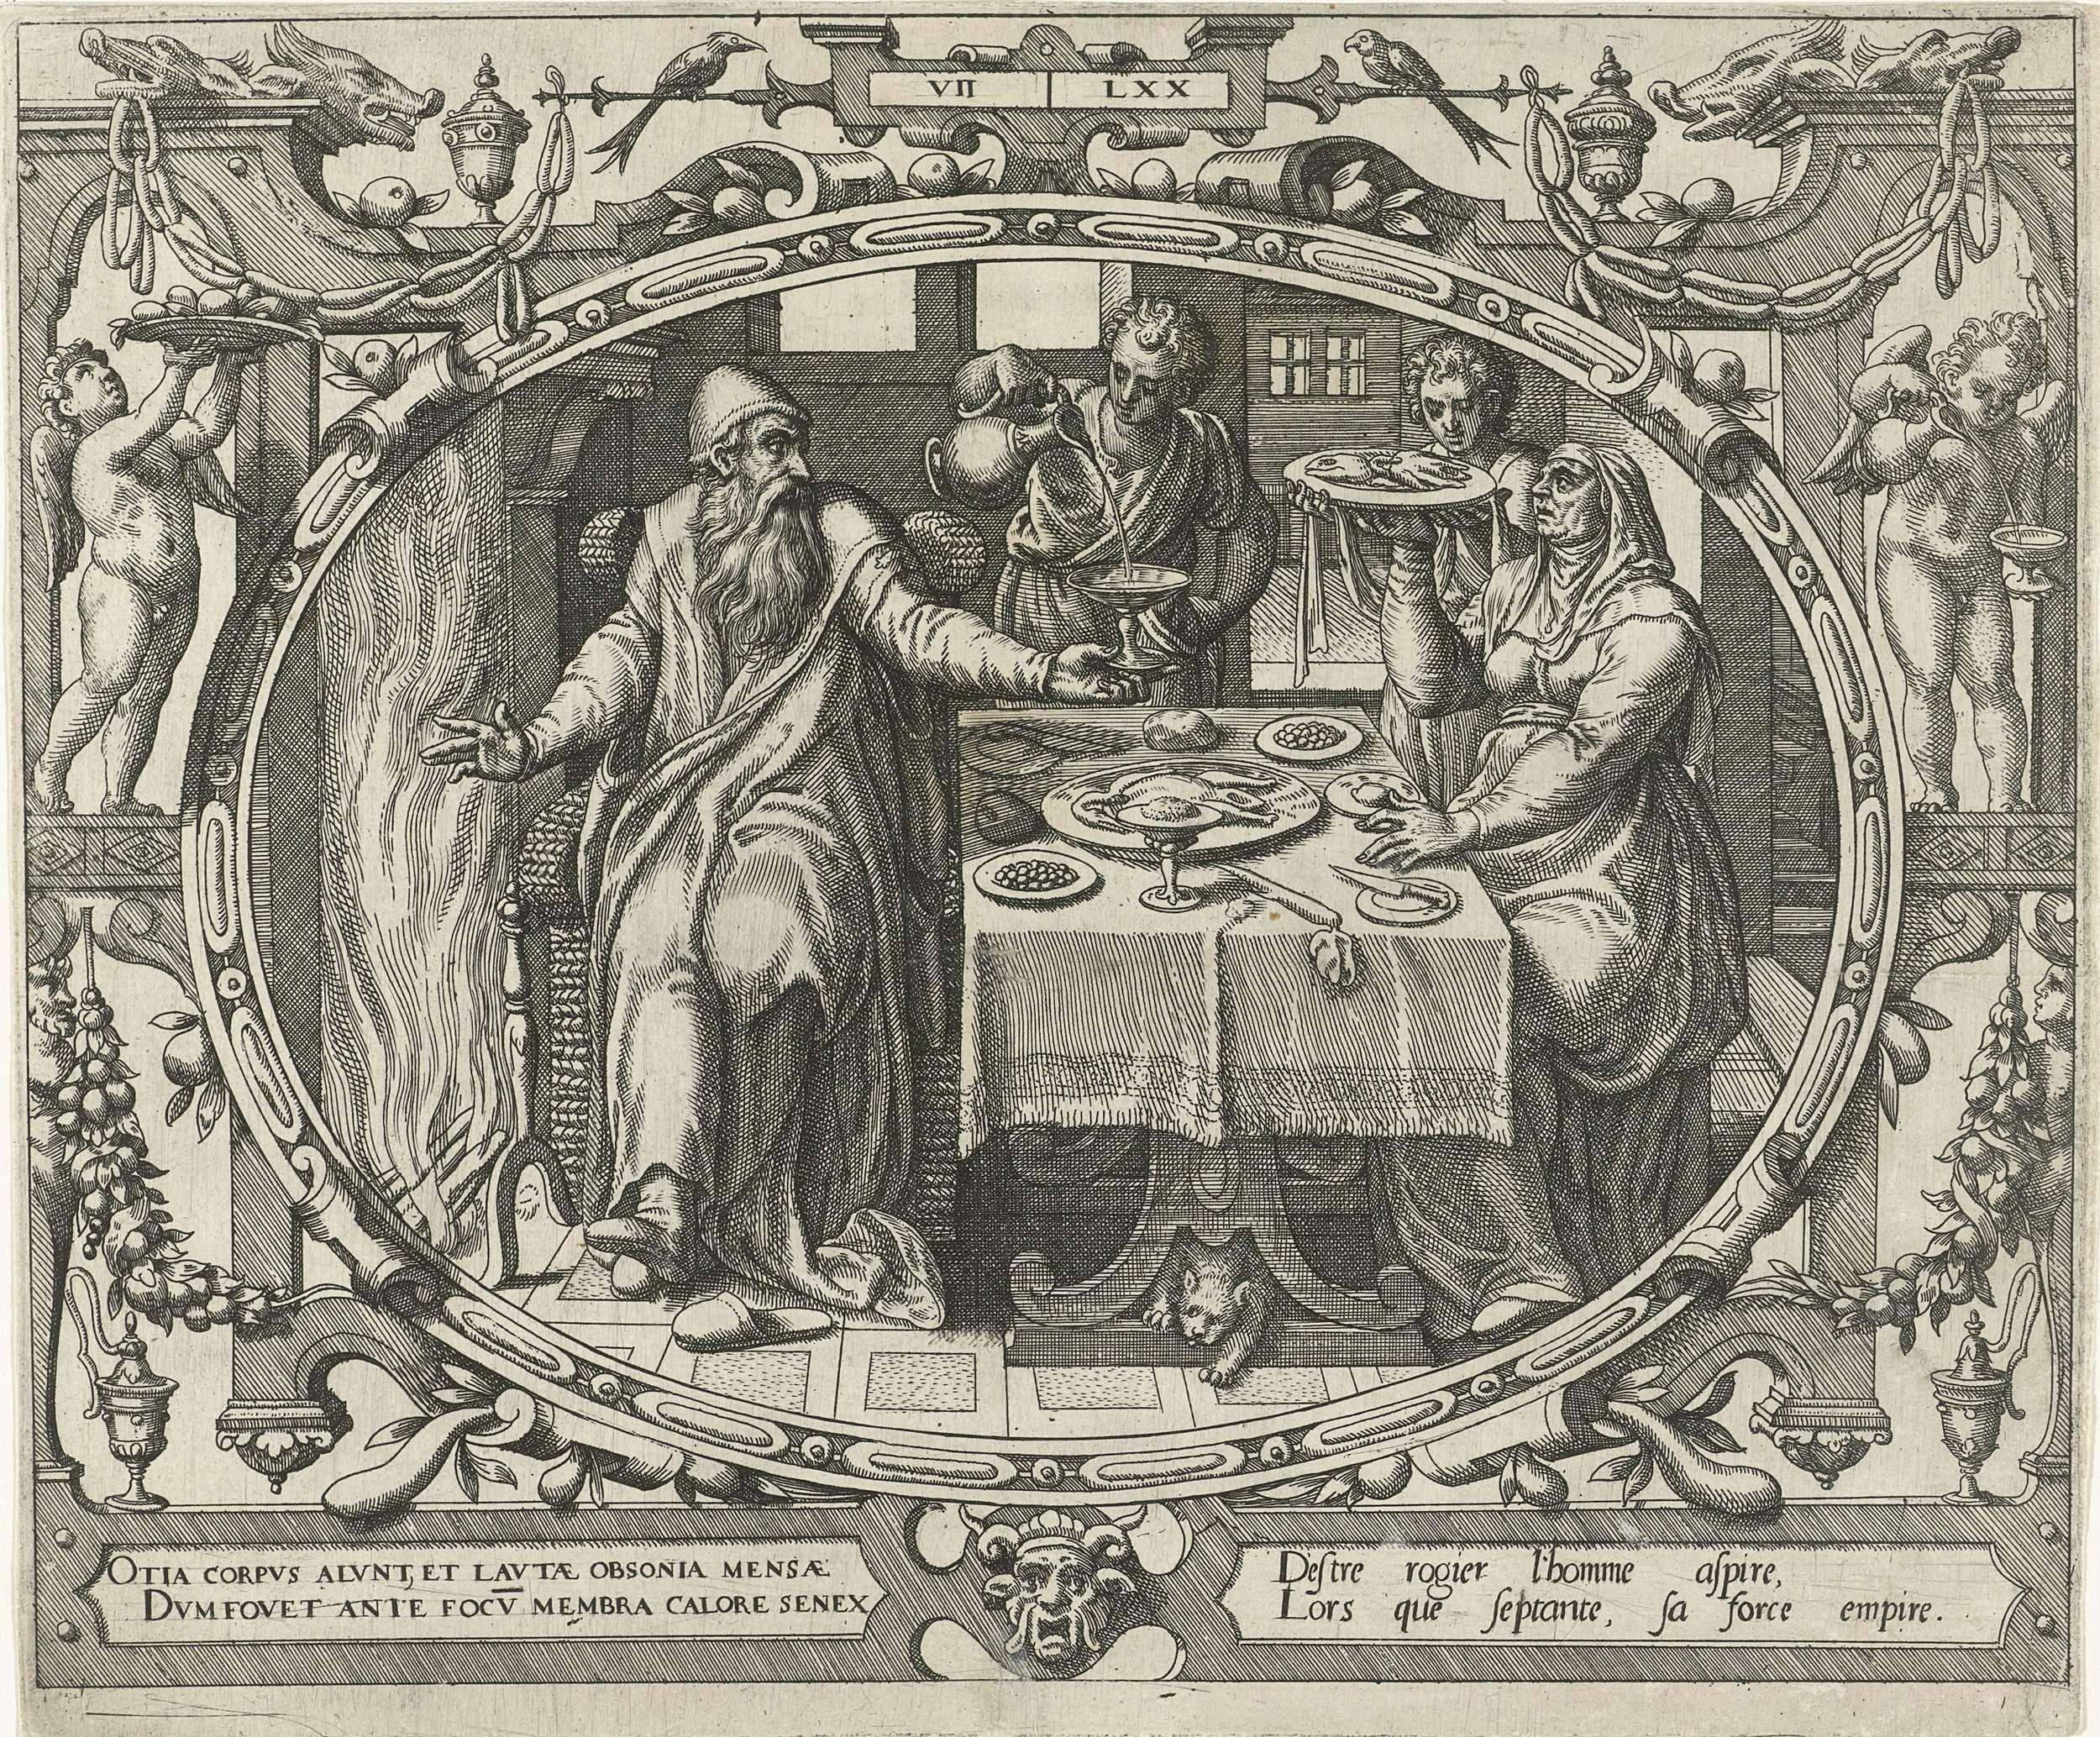 Gerard P. Groenning | De mens op zeventigjarige leeftijd, Gerard P. Groenning, 1569 - 1575 | In een ovaal kader versierd met ornamenten een voorstelling van een oude man samen met zijn vrouw aan tafel bij het haardvuur. Bedienden schenken hen voedsel en drank. De prent heeft een Latijns en Frans onderschrift.